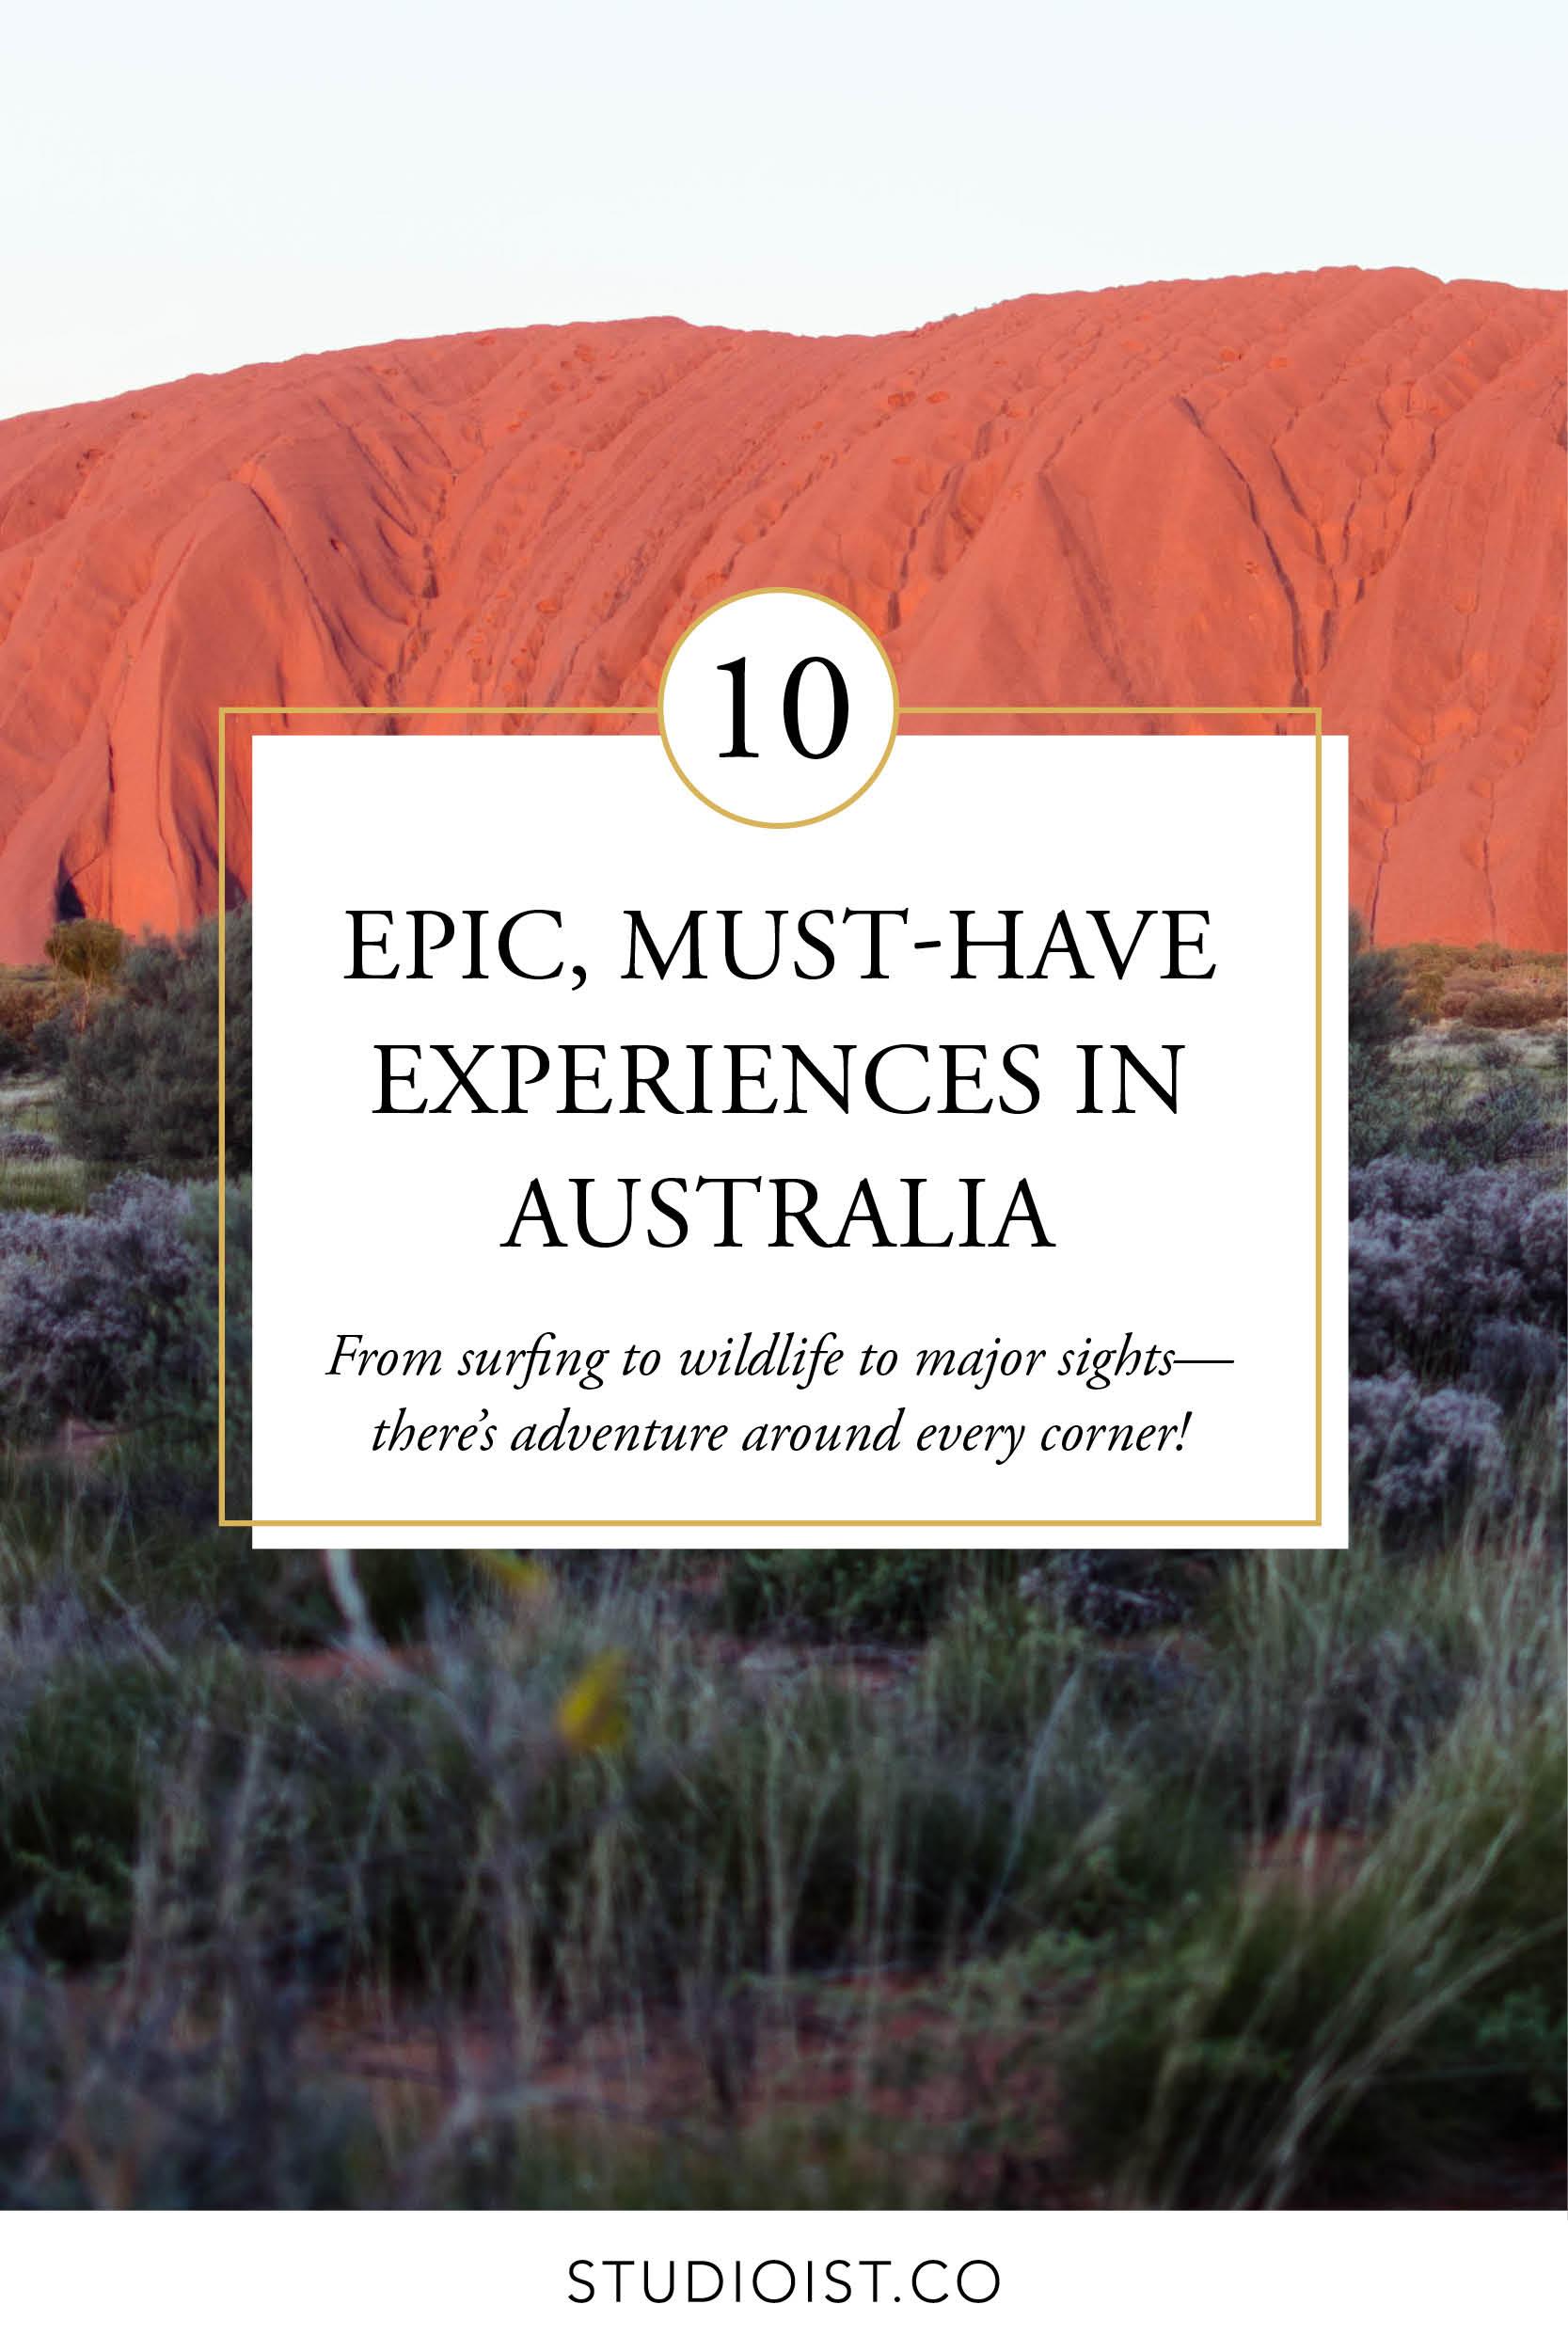 Studioist_Pinterest Design Travel_AustraliaExperiences.jpg